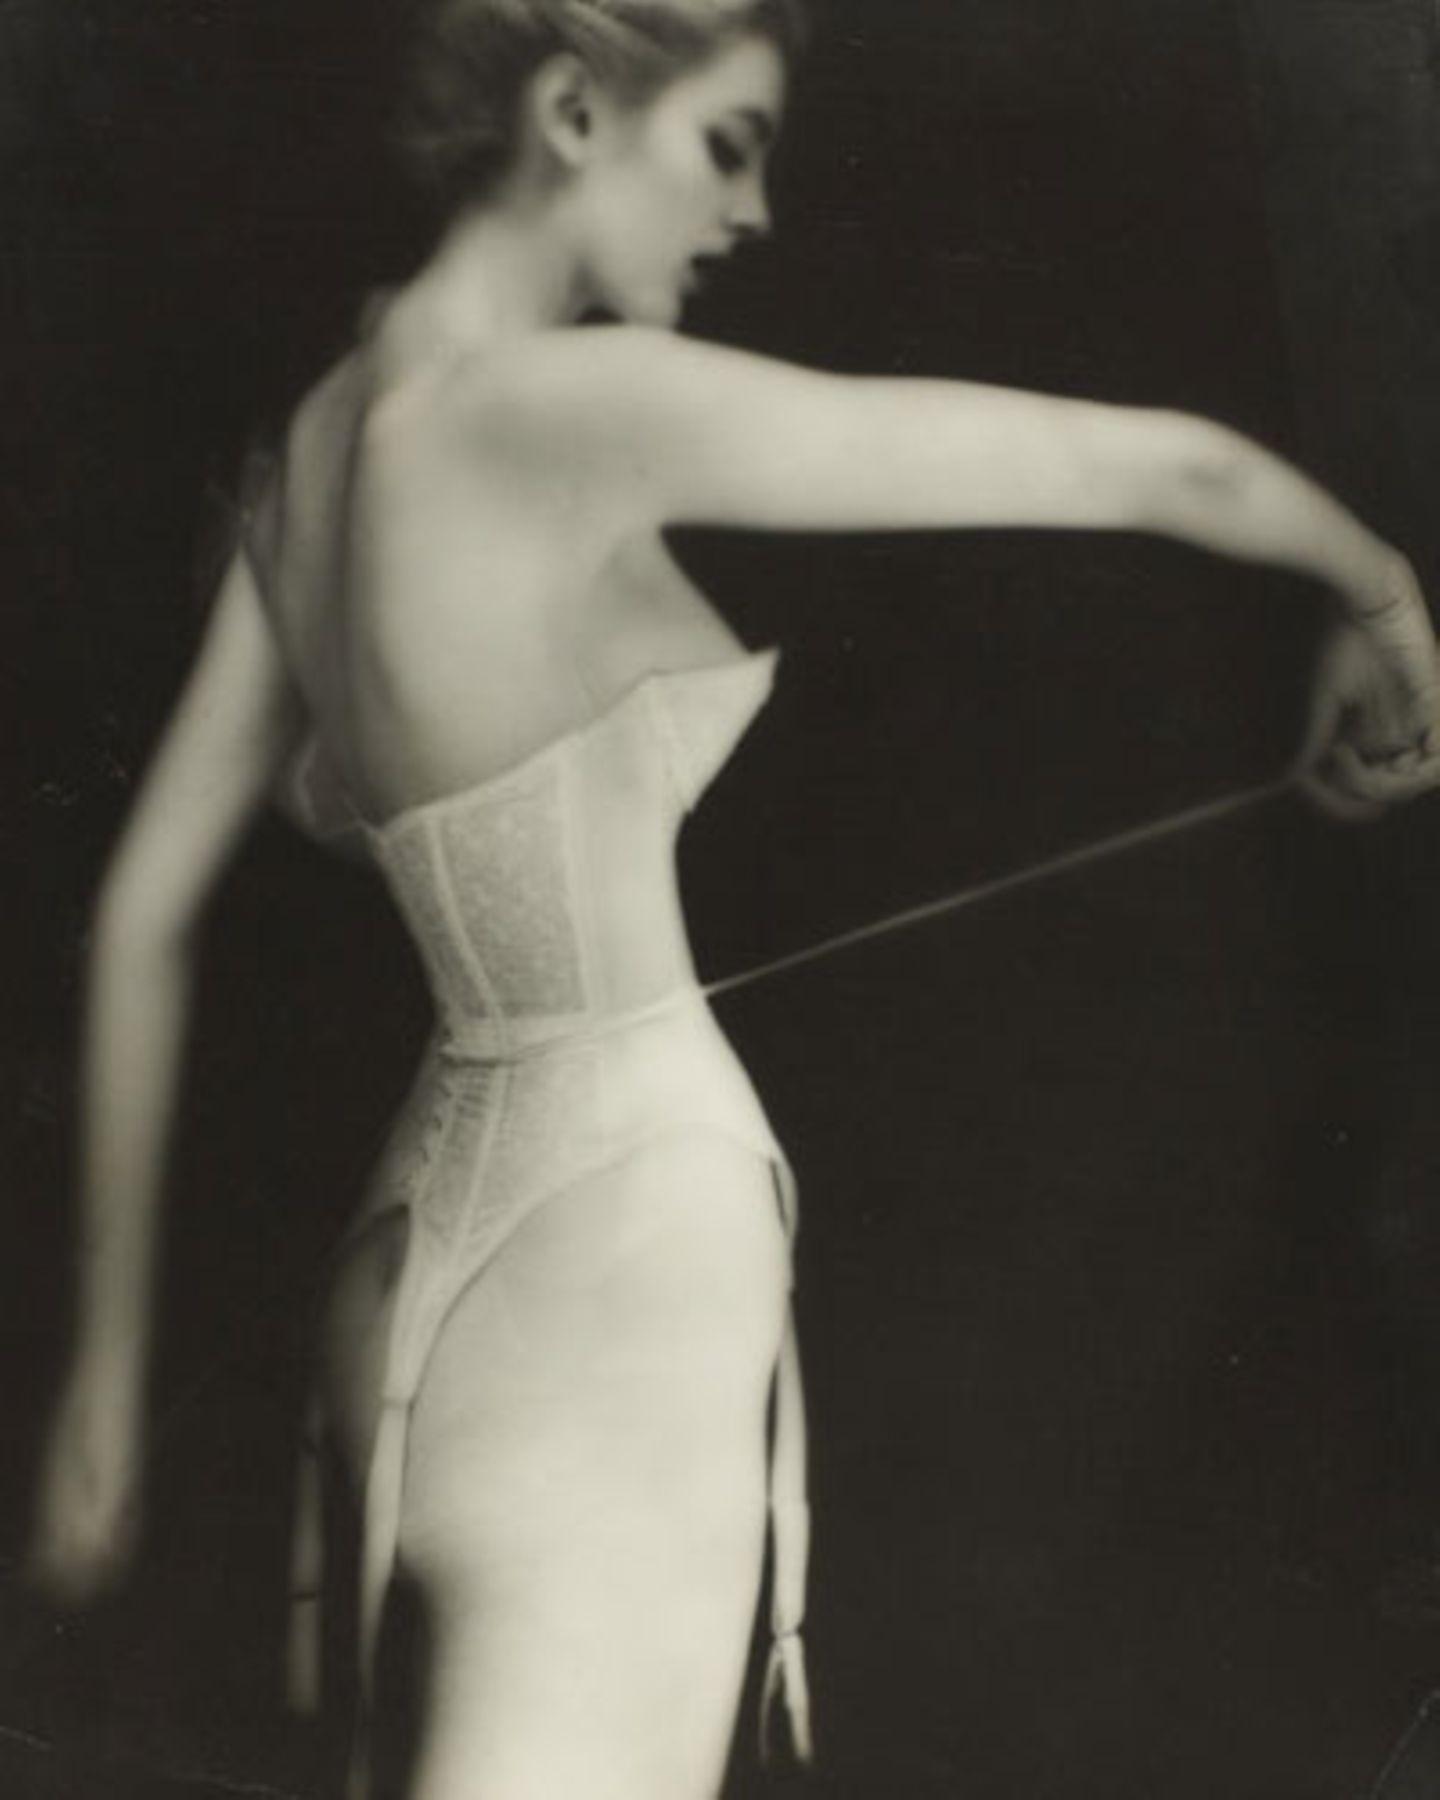 """Von 1946 bis 1949 arbeitete Lillian Bassman als Art Director beim Jugendableger des weltberühmten Modemagazins """"Harper's Bazaar"""", förderte die Karriere von Ausnahmefotografen wie Richard Avedon und Robert Frank. Ab 1949 wurde sie selbst Fotografin für """"Harper's Bazaar"""" und andere Medien."""